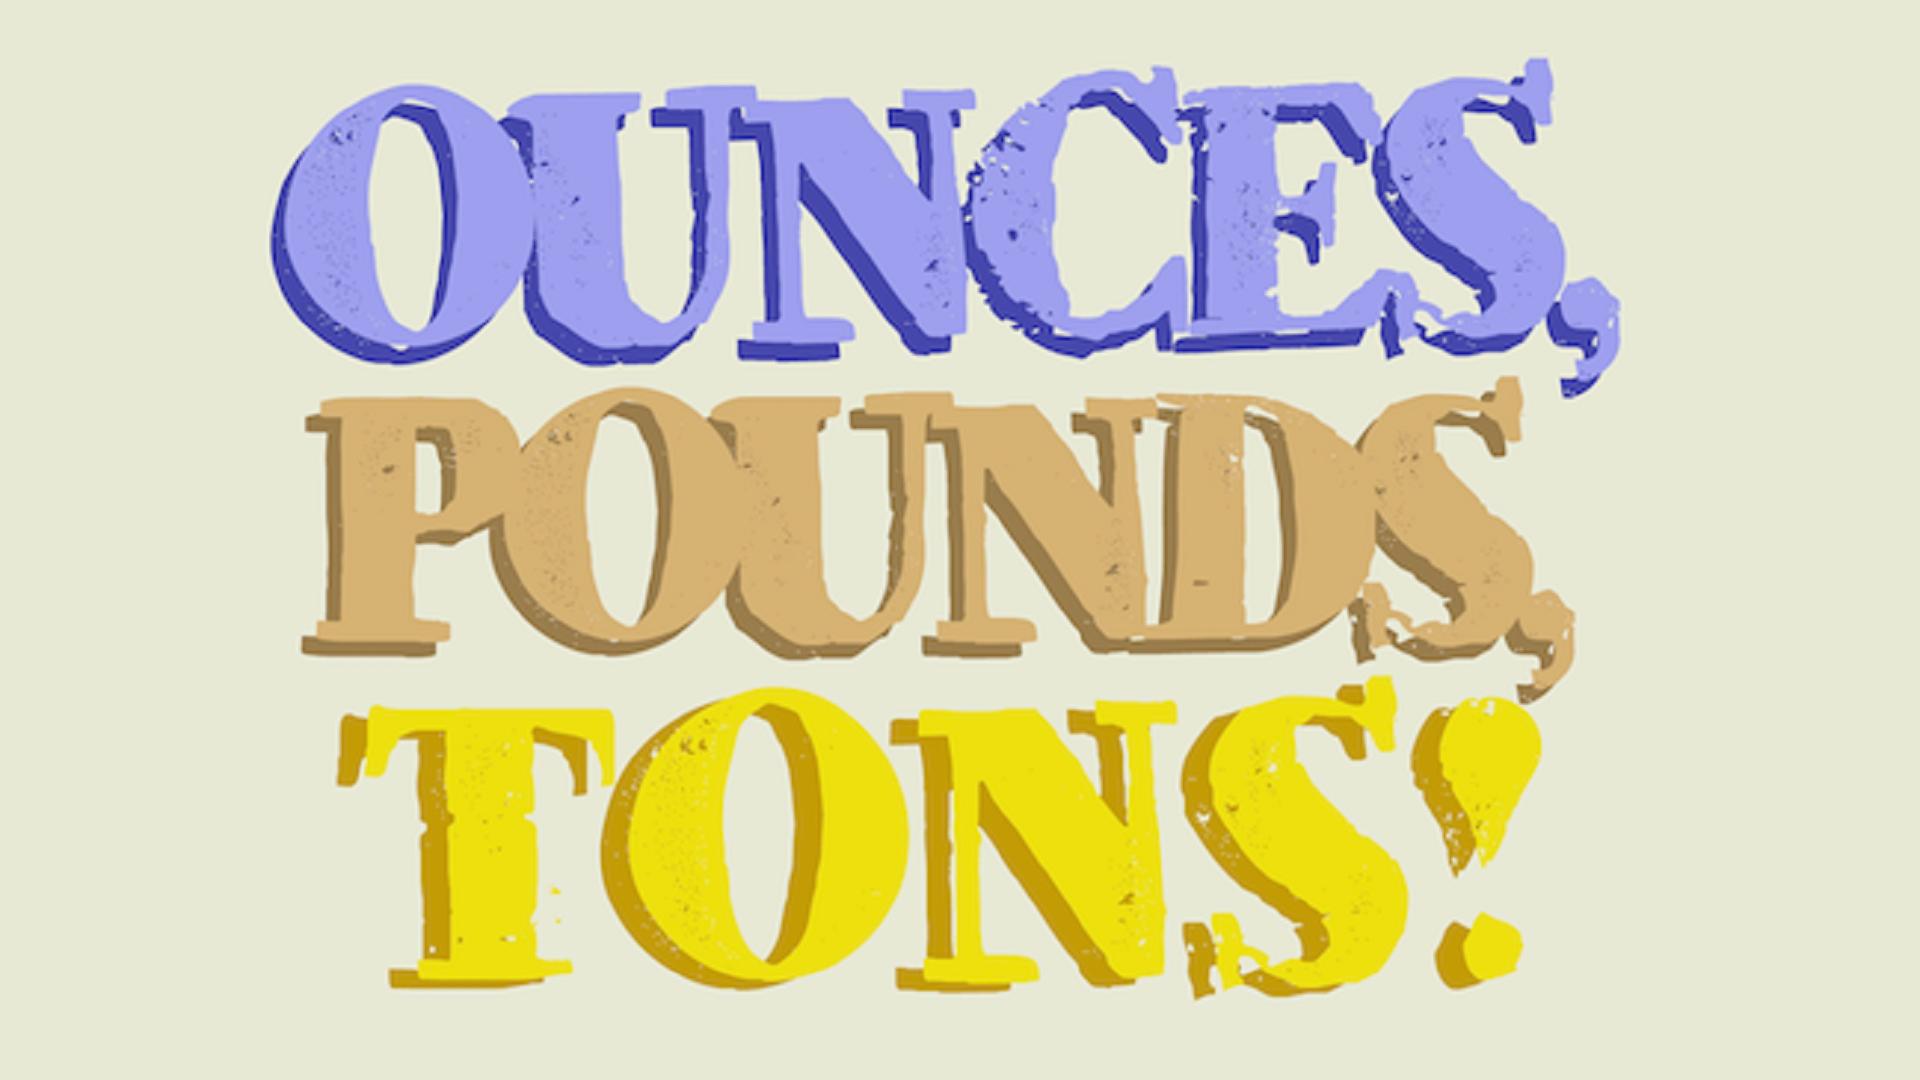 Ounces Pounds Tons Video